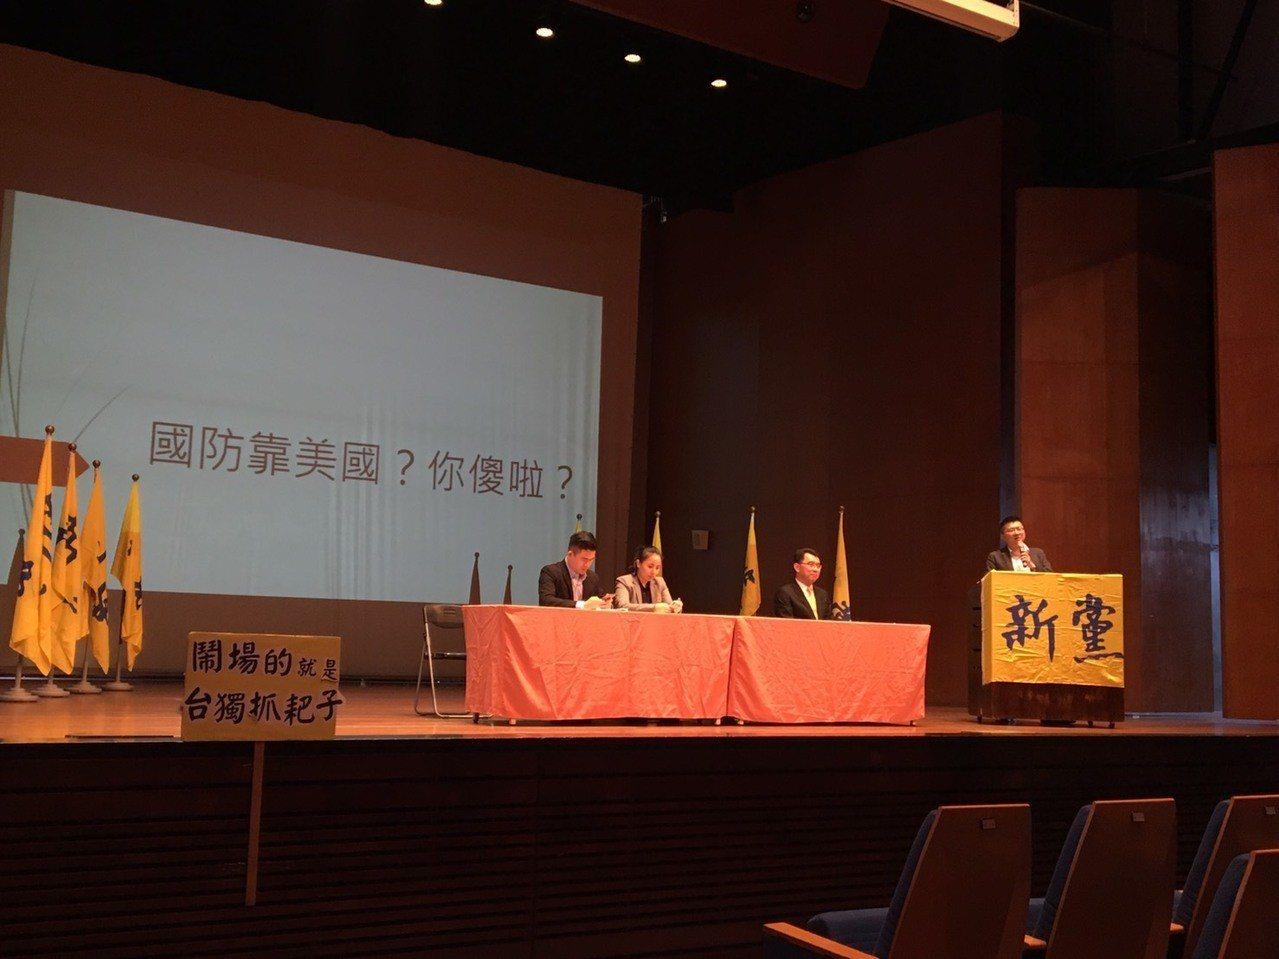 新黨今日舉辦「北京要統 台灣怎辦」論壇,大談統獨議題。記者張裕珍/攝影